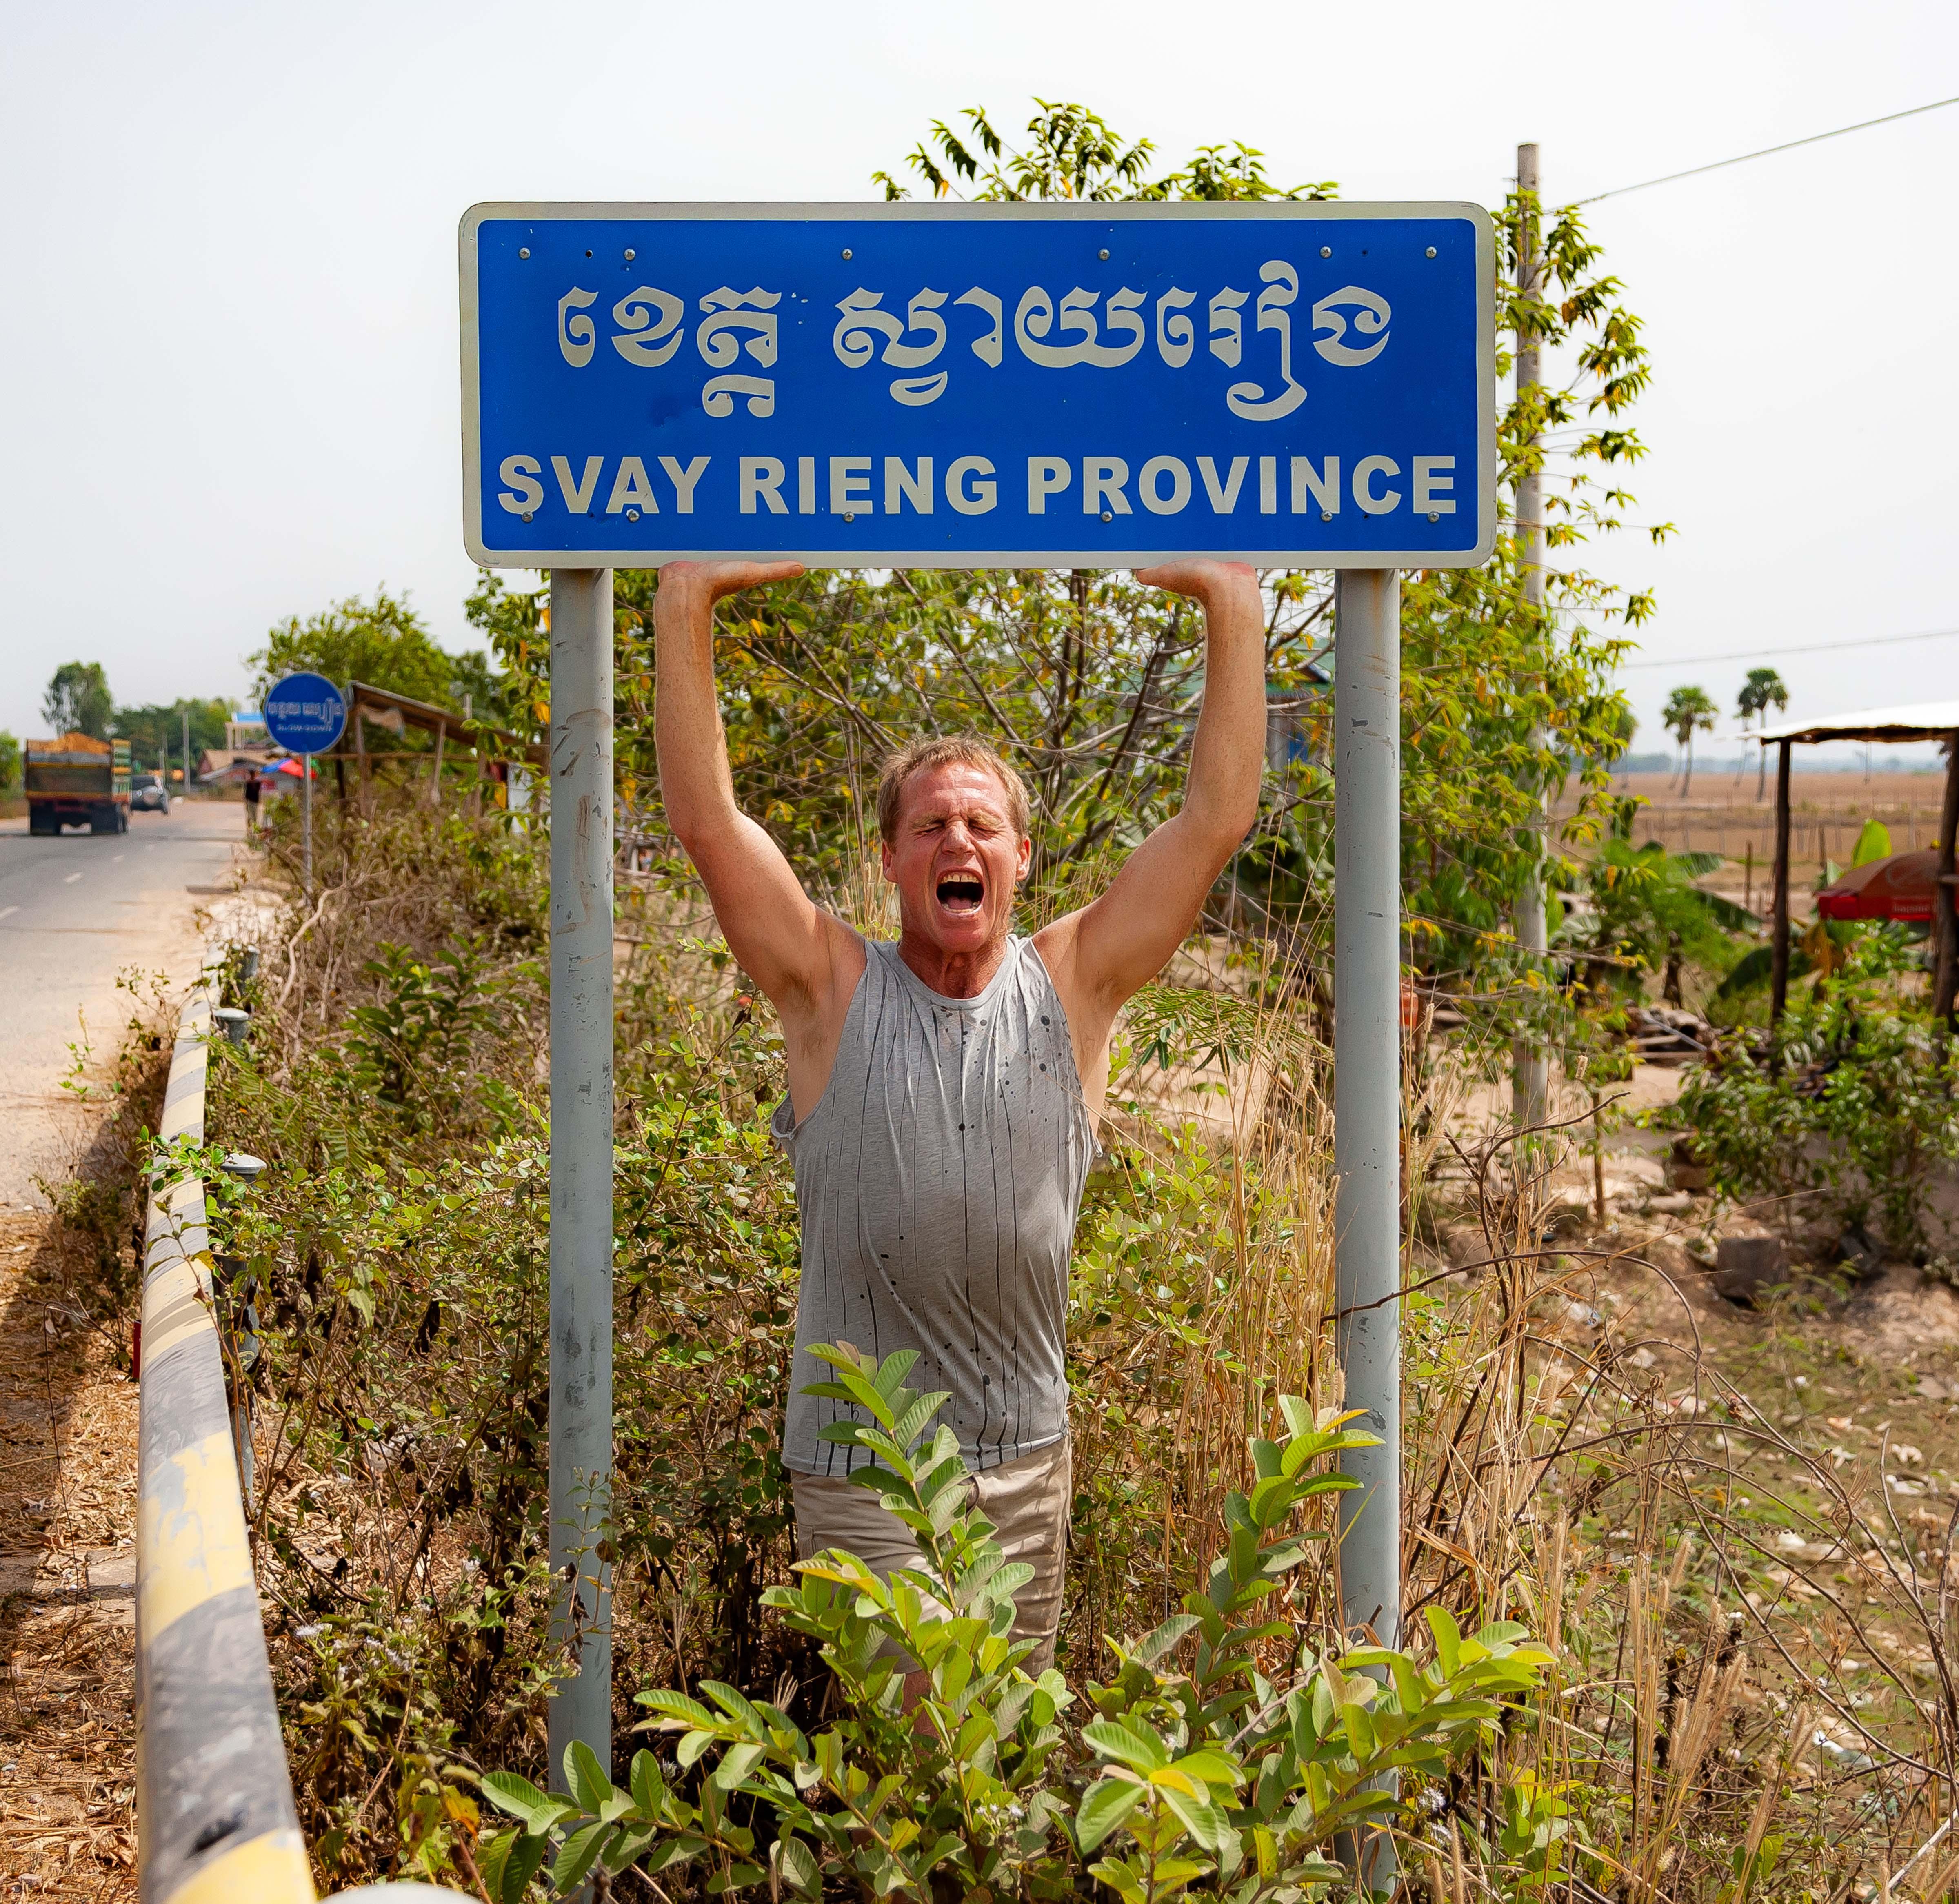 Cambodia, Svaay Rieng Prov, Jeff Shea, 2010, IMG 5196